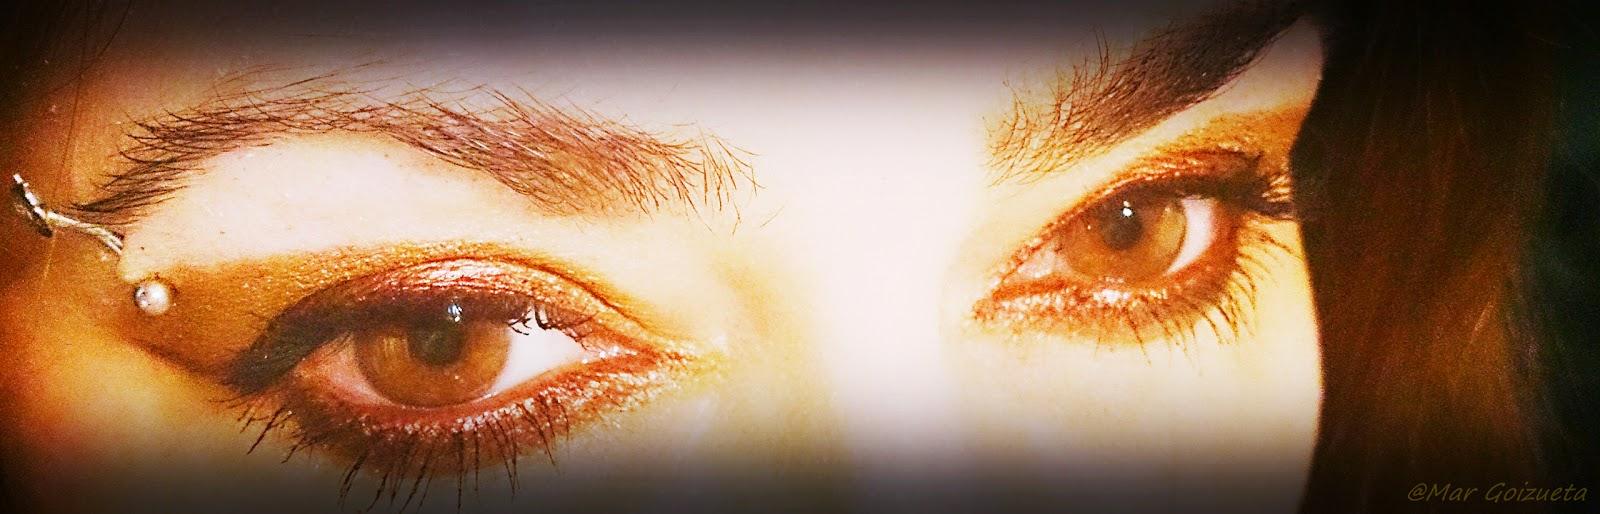 Mira, mis ojos cambian de color. Foto Mar Goizueta